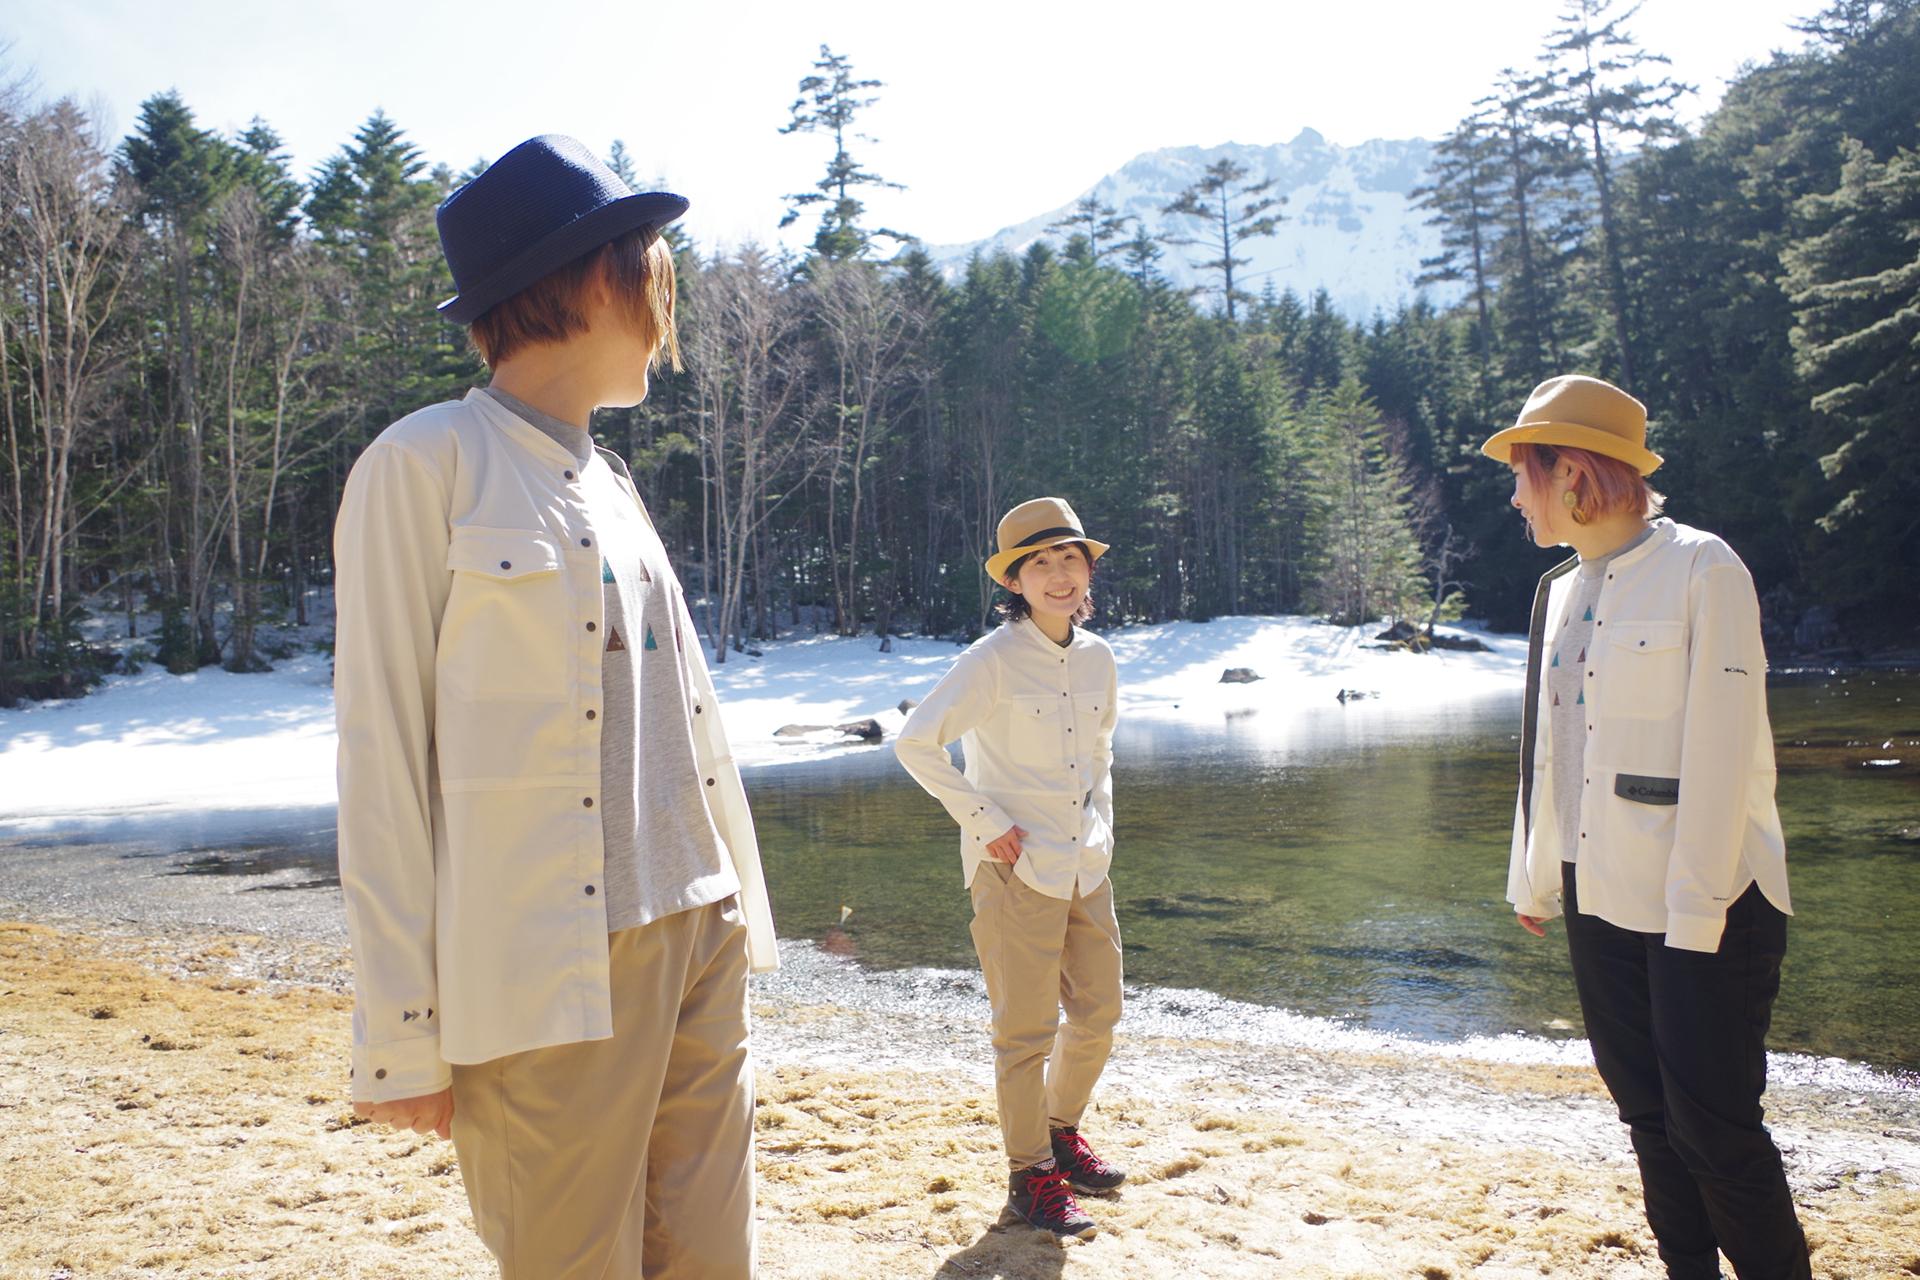 05-1 山を愛するマンガ家・鈴木ともこさんと行く!北八ヶ岳・しらびそ小屋〜コロナ禍で再発見した魅力とは〜